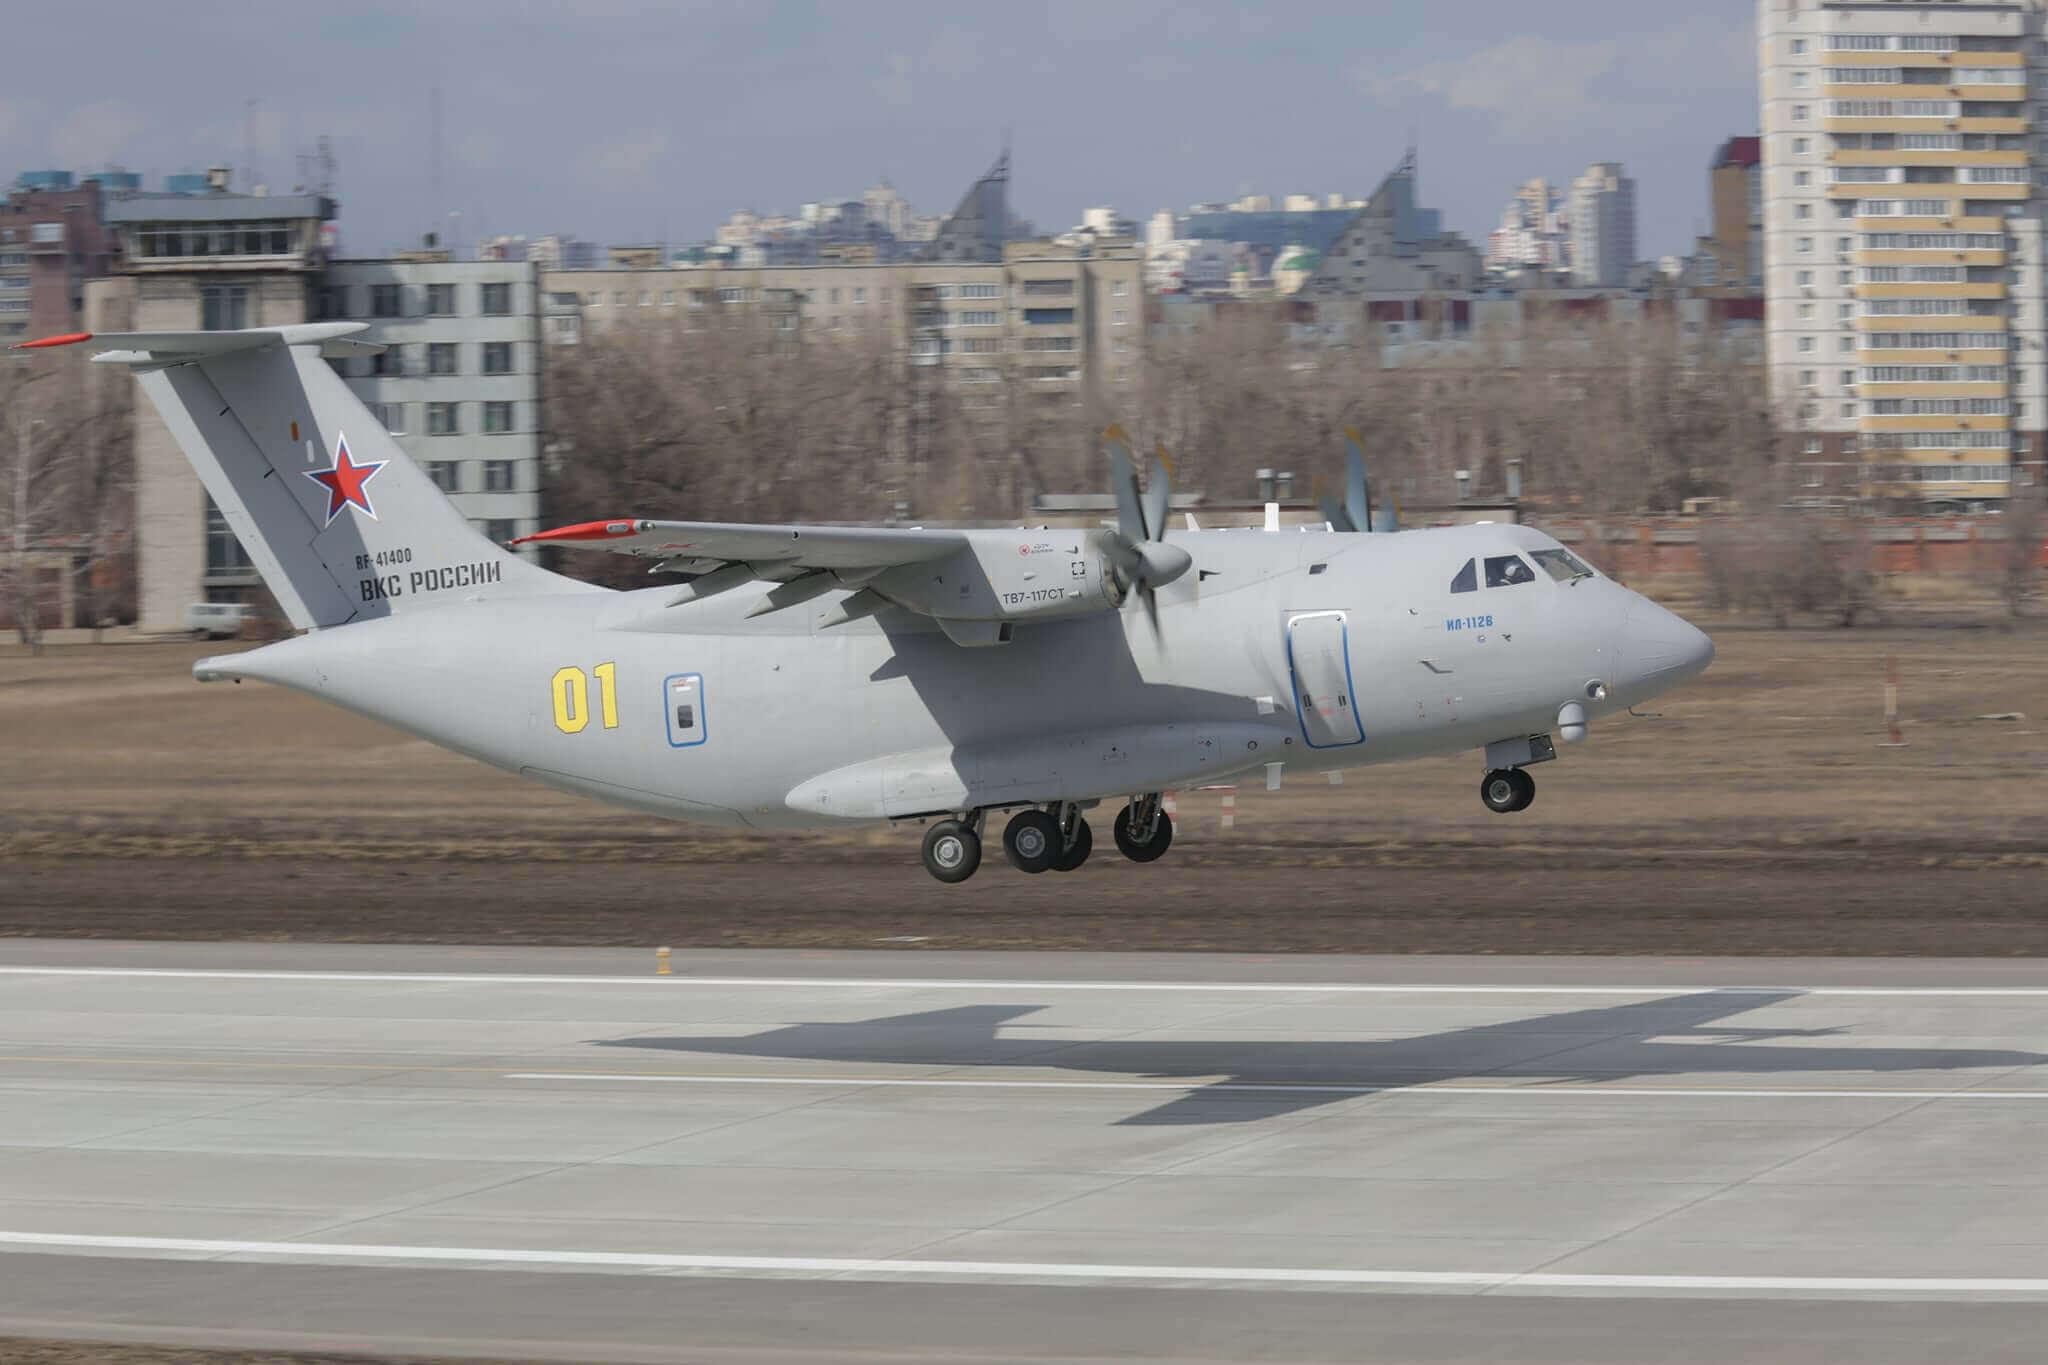 تعرف على طائرات النقل الروسية الجديدة Ilyushin ..صعوبات وعيوب